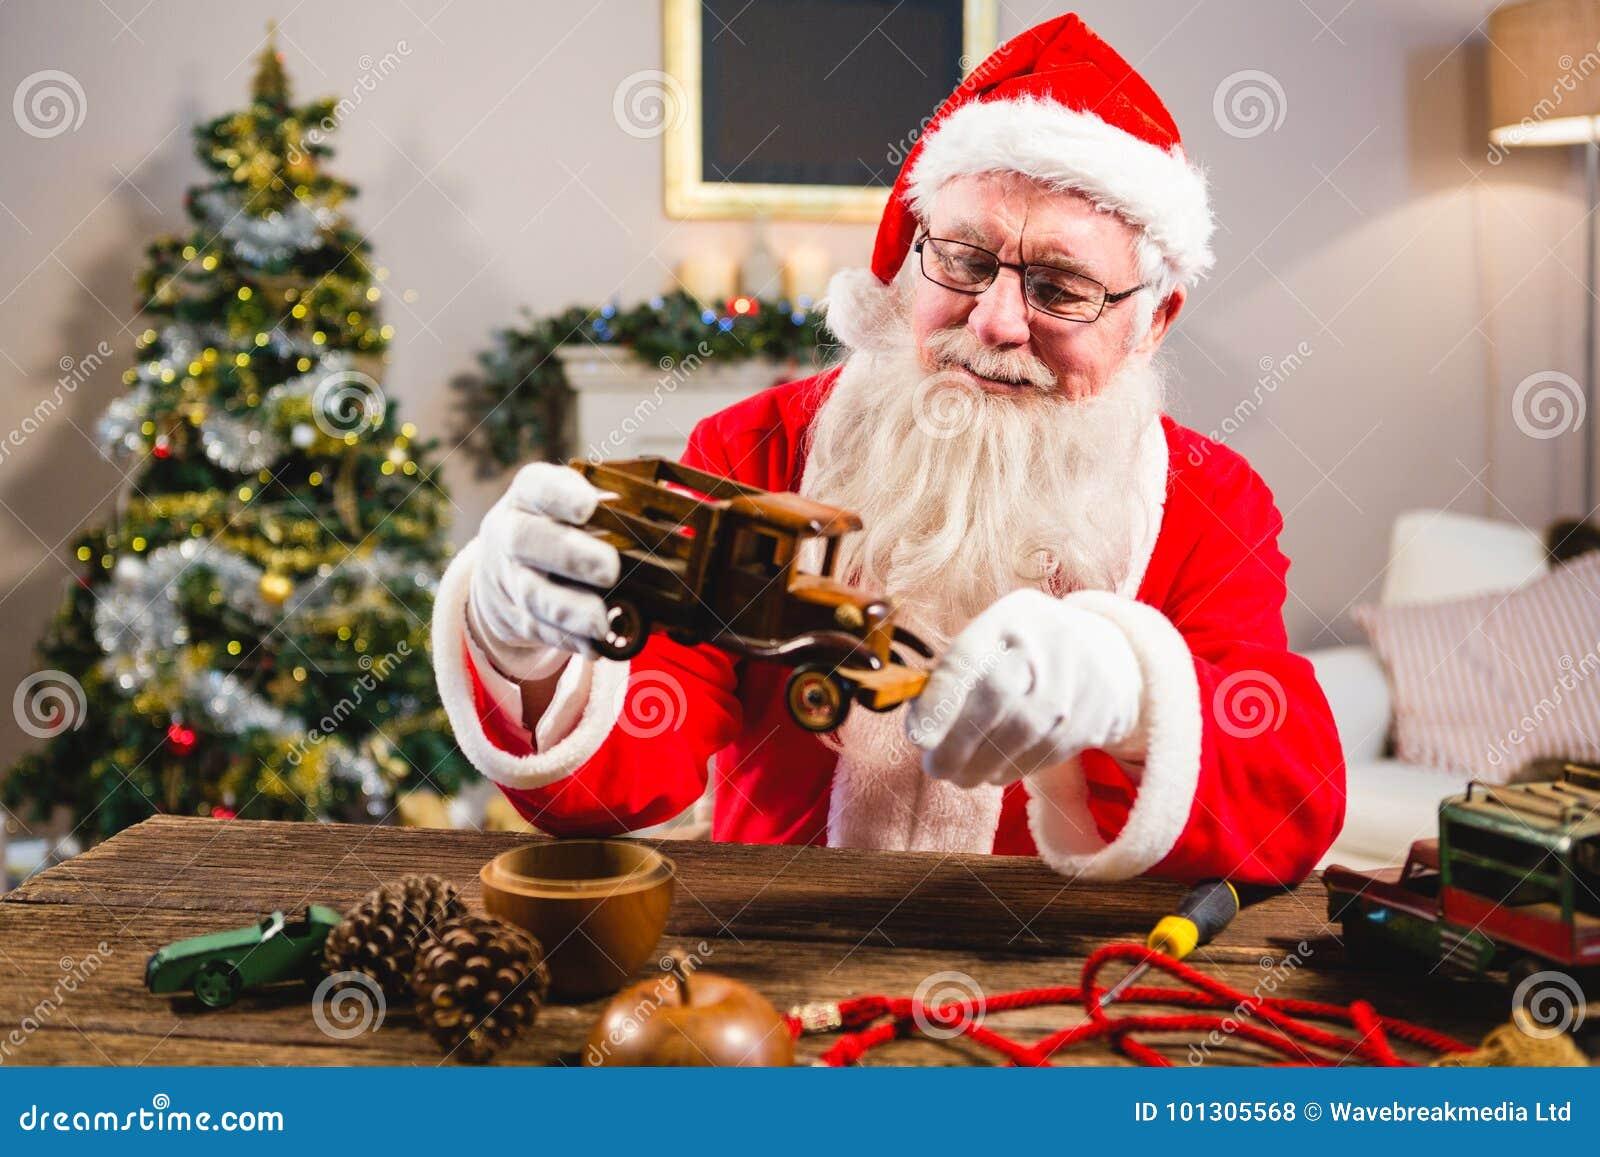 Uśmiechać się Santa Claus patrzeje zabawkarskiego samochód w żywym pokoju